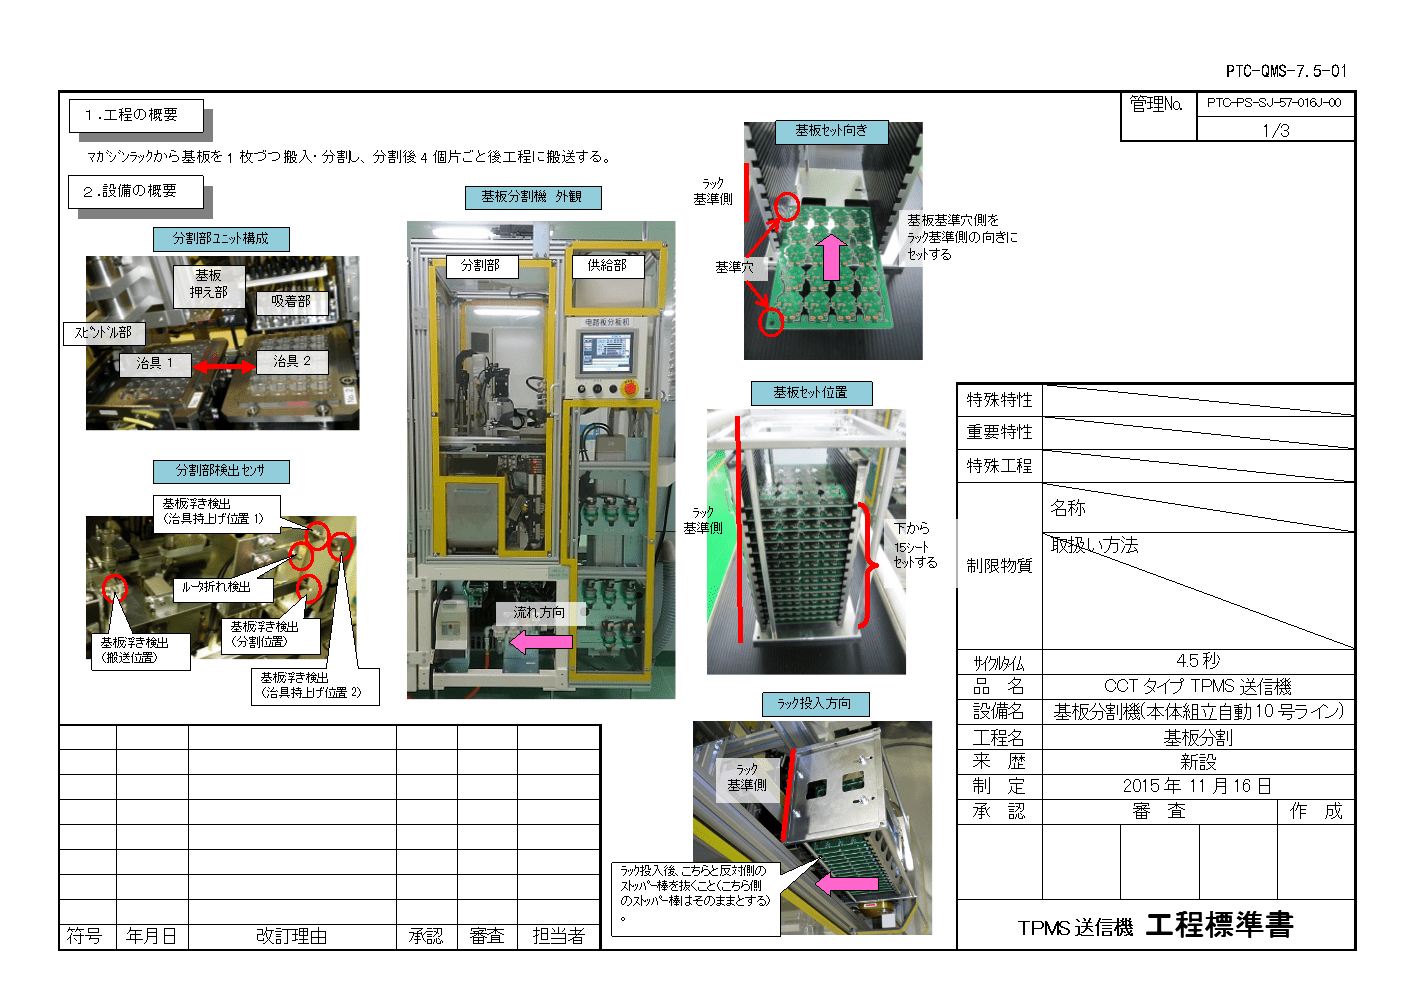 PTC-PS-SJ-57-016J-00基板分割機_表紙P1.doc